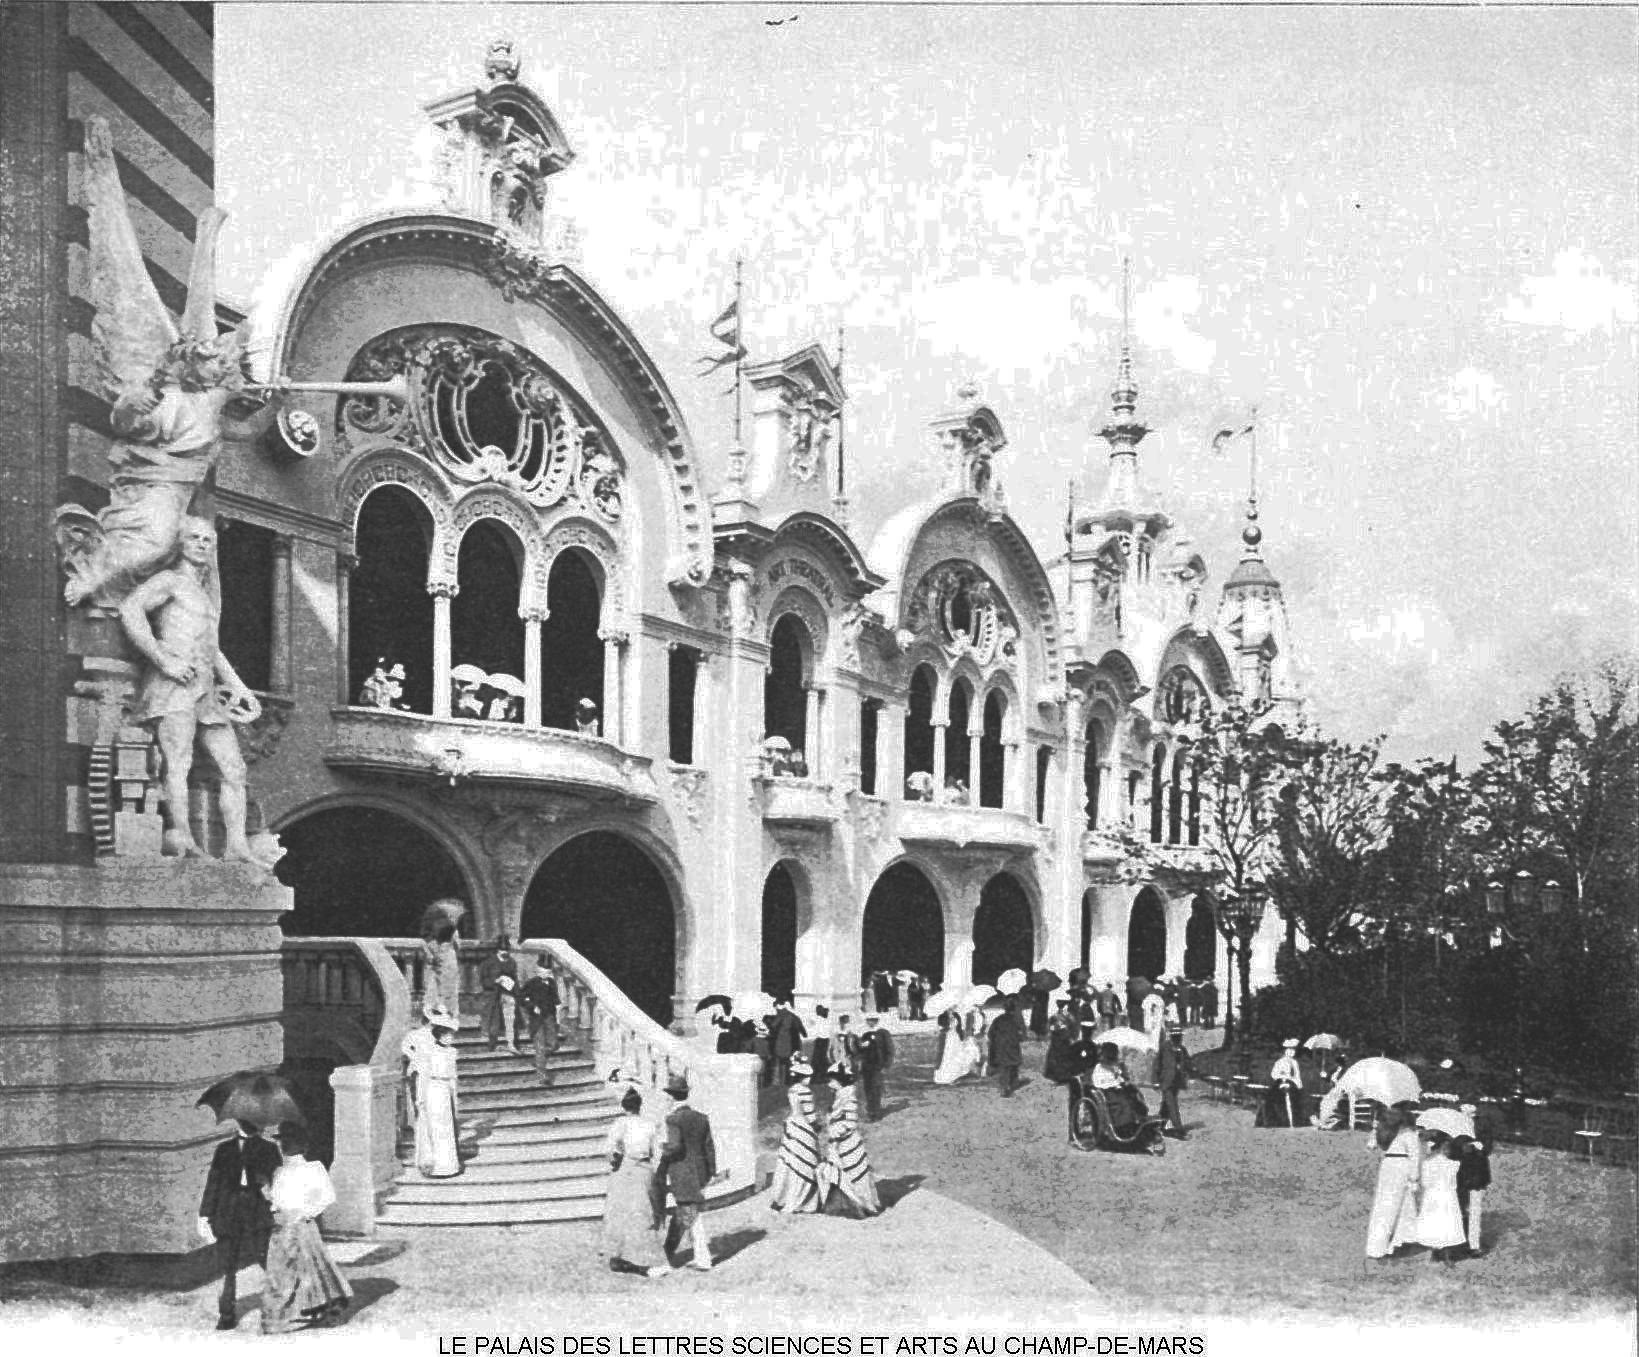 Ressources histoire exposition universelle 1900 le palais des lettres arts sciences